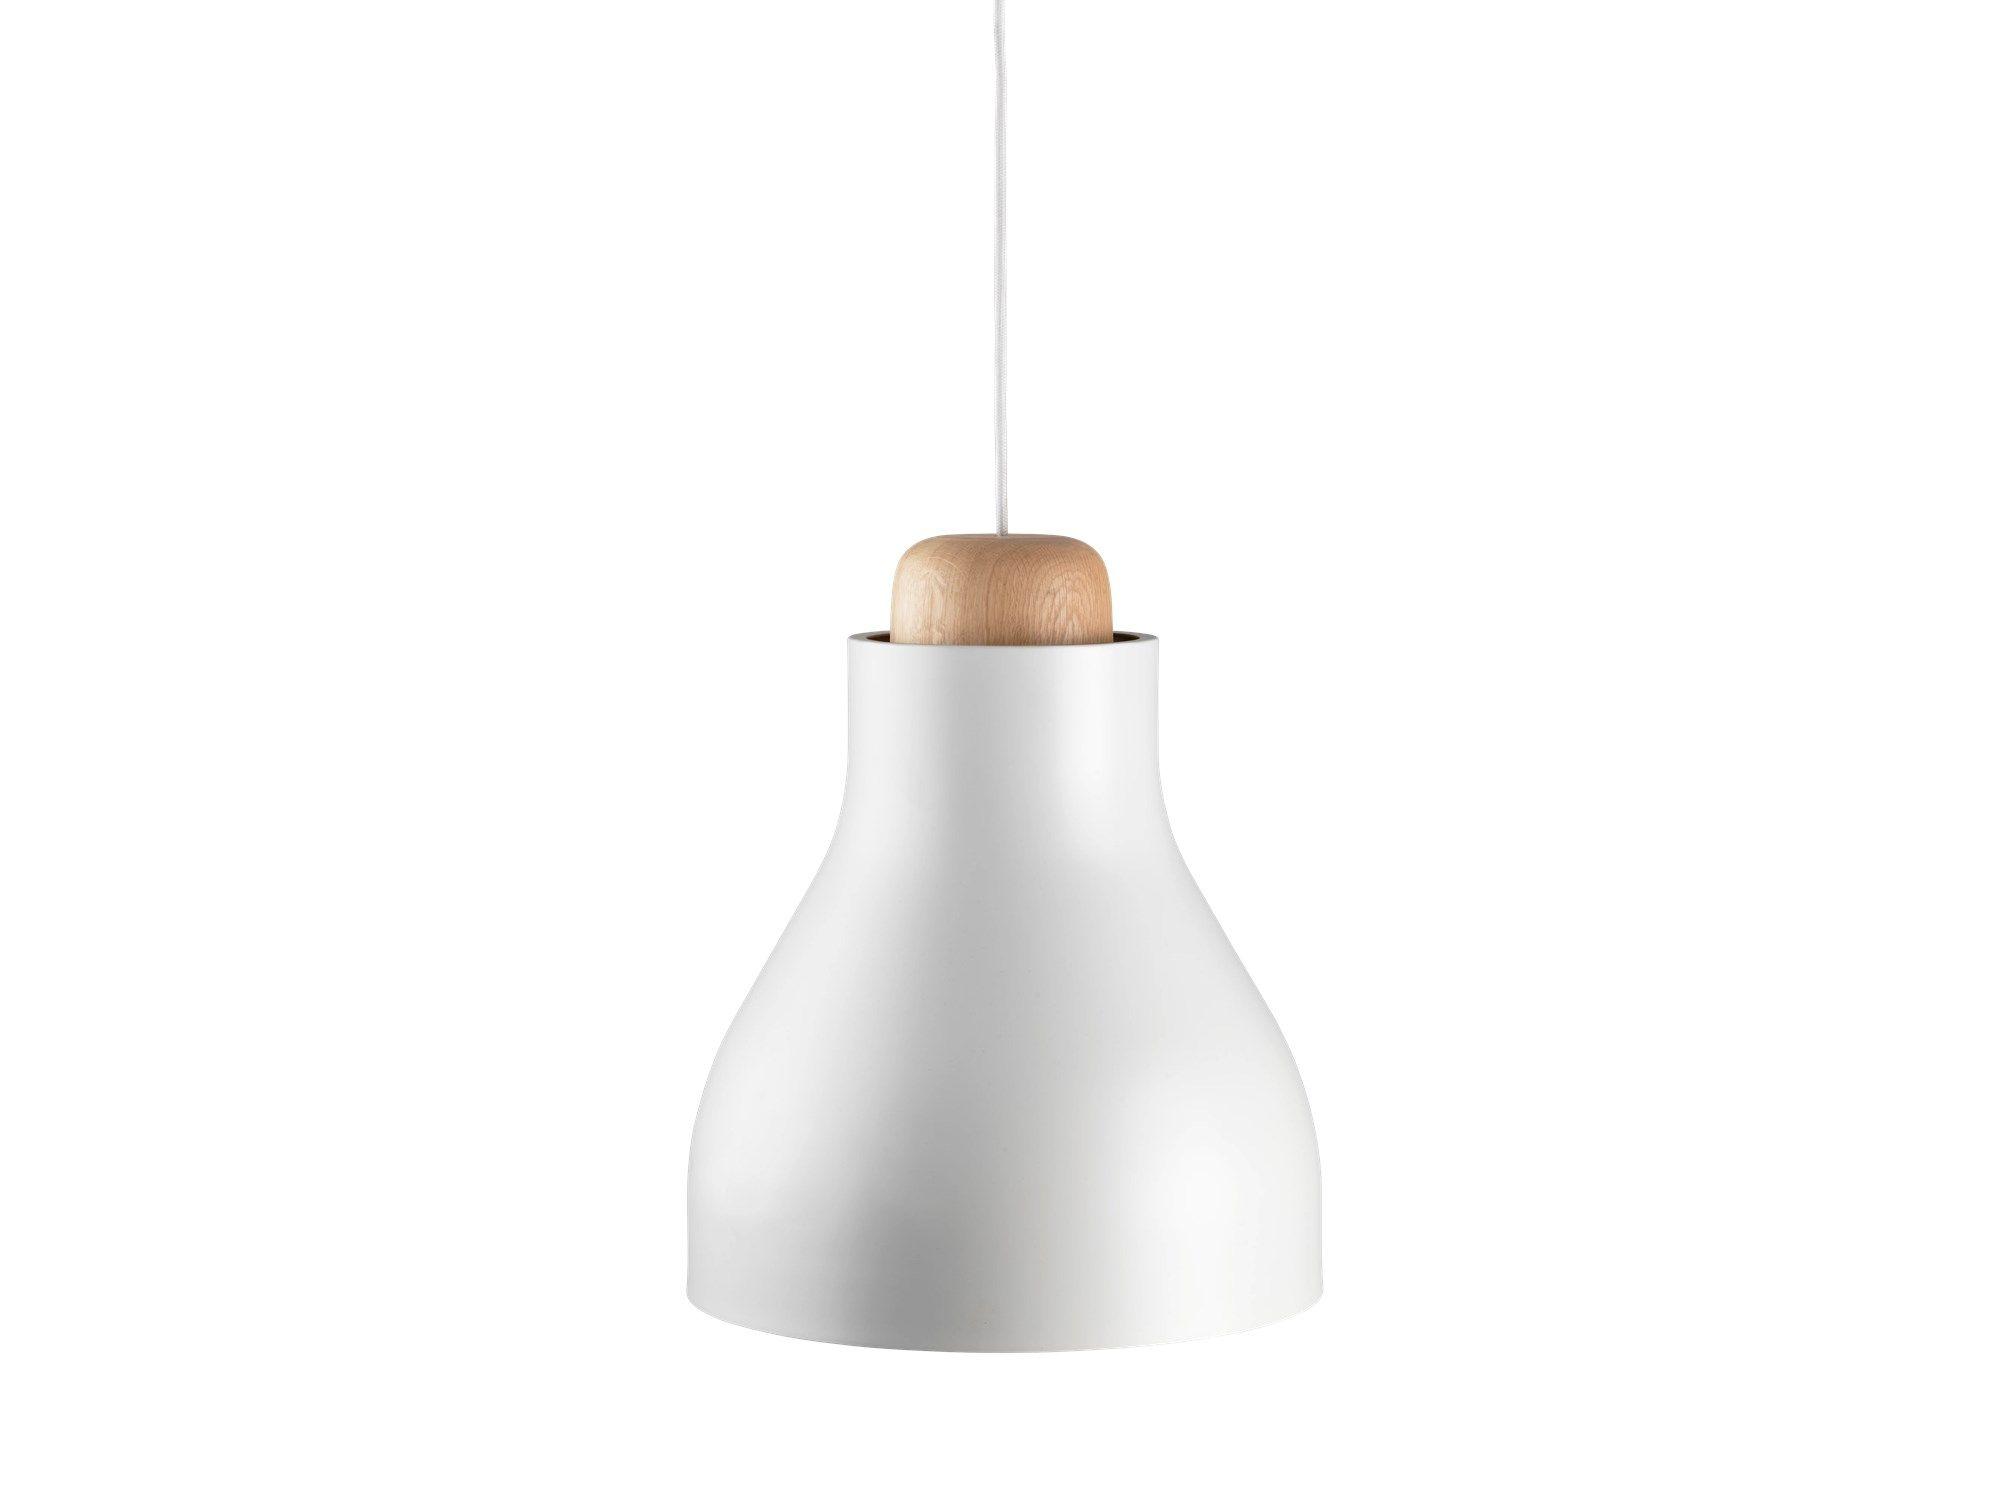 Günstige Wohnzimmerlampen ~ Treetop pendel lampe bolia.com ideer produkter tips og triks